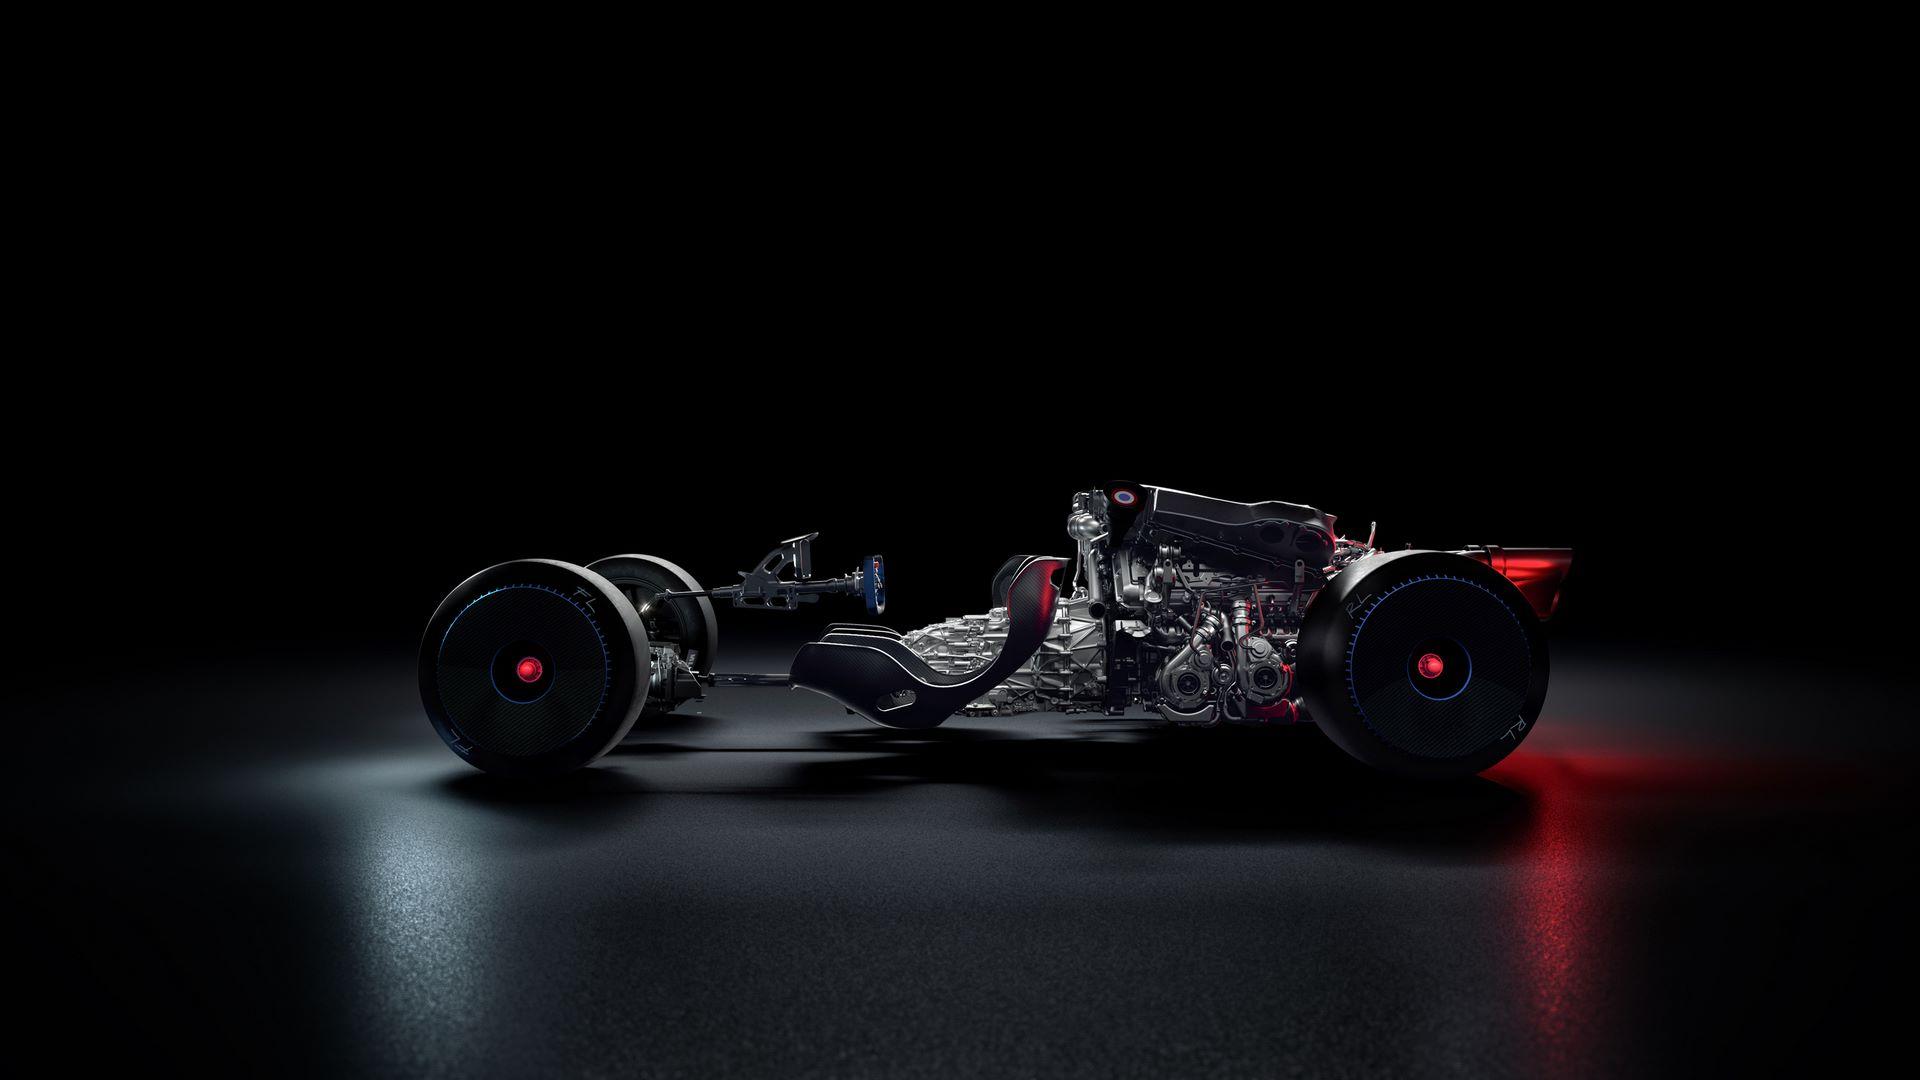 Bugatti-Bolide-concept-12